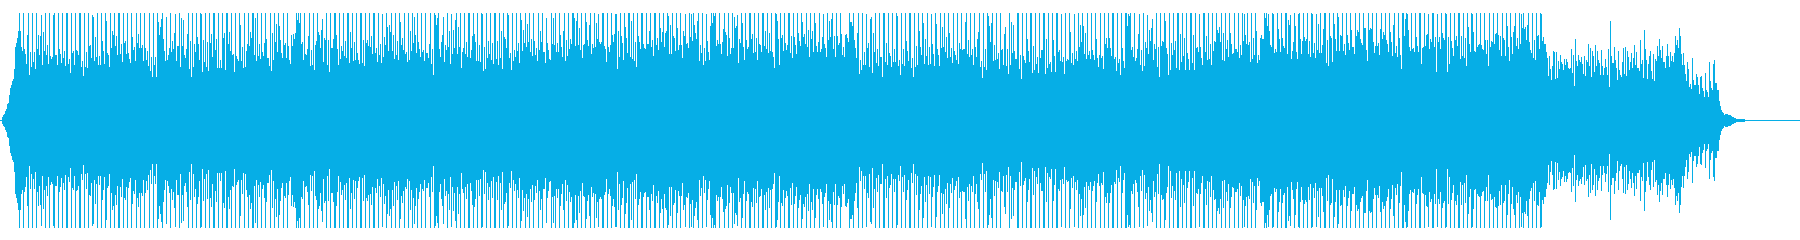 ピアノリフがリードするコーポレート曲の再生済みの波形